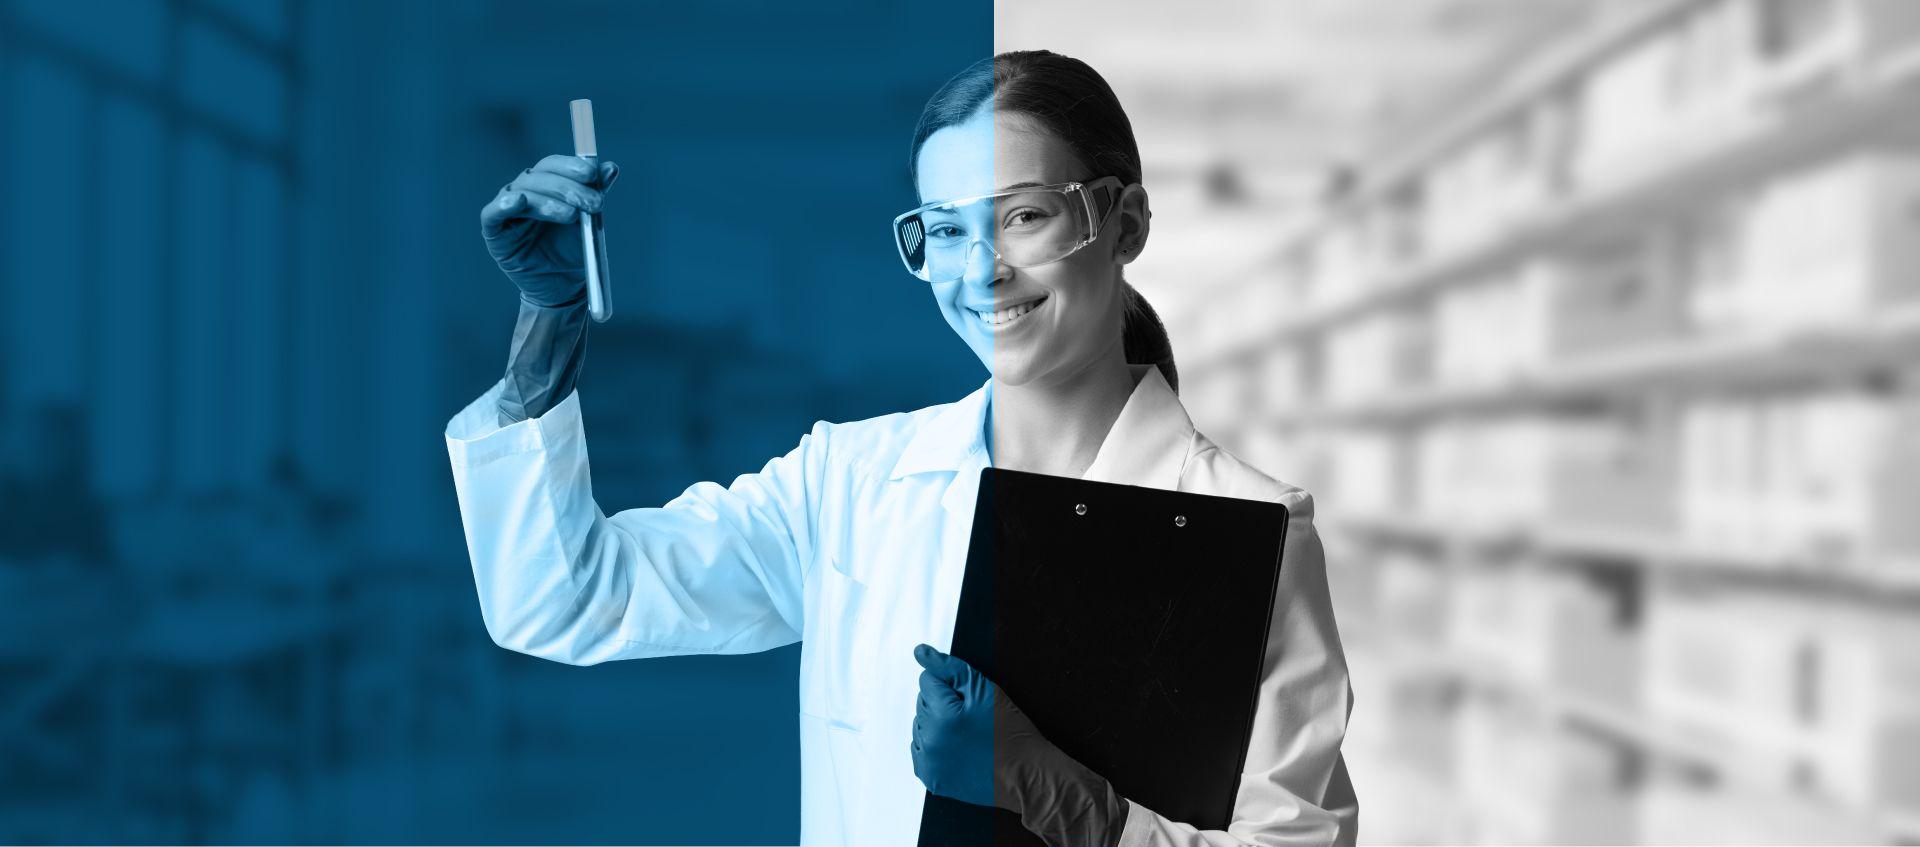 Curso Técnico em Análises Clinicas em Porto Alegre | Factum Graduação e Cursos Técnicos